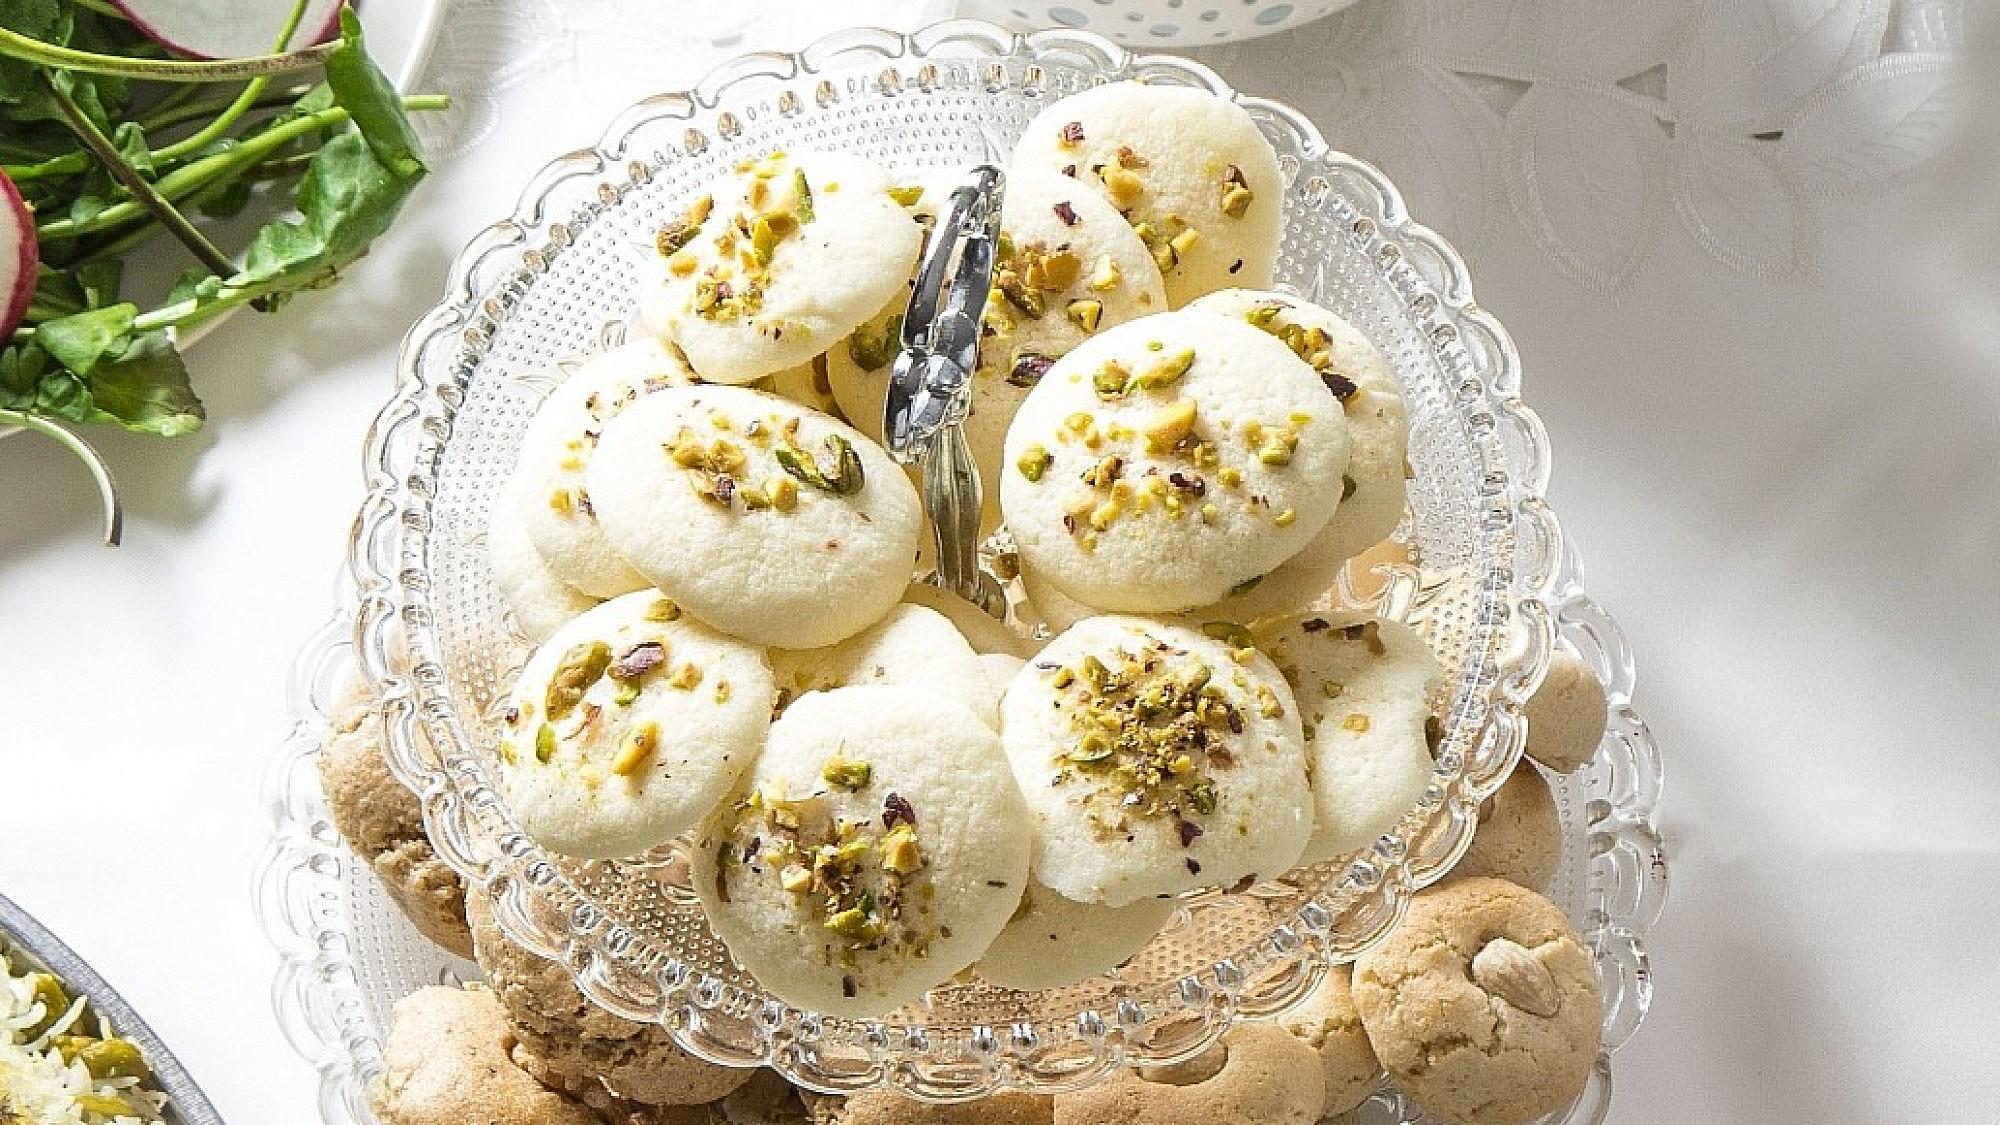 עוגיות אורז של שפית דיאנה רחמני. צילום: אפיק גבאי